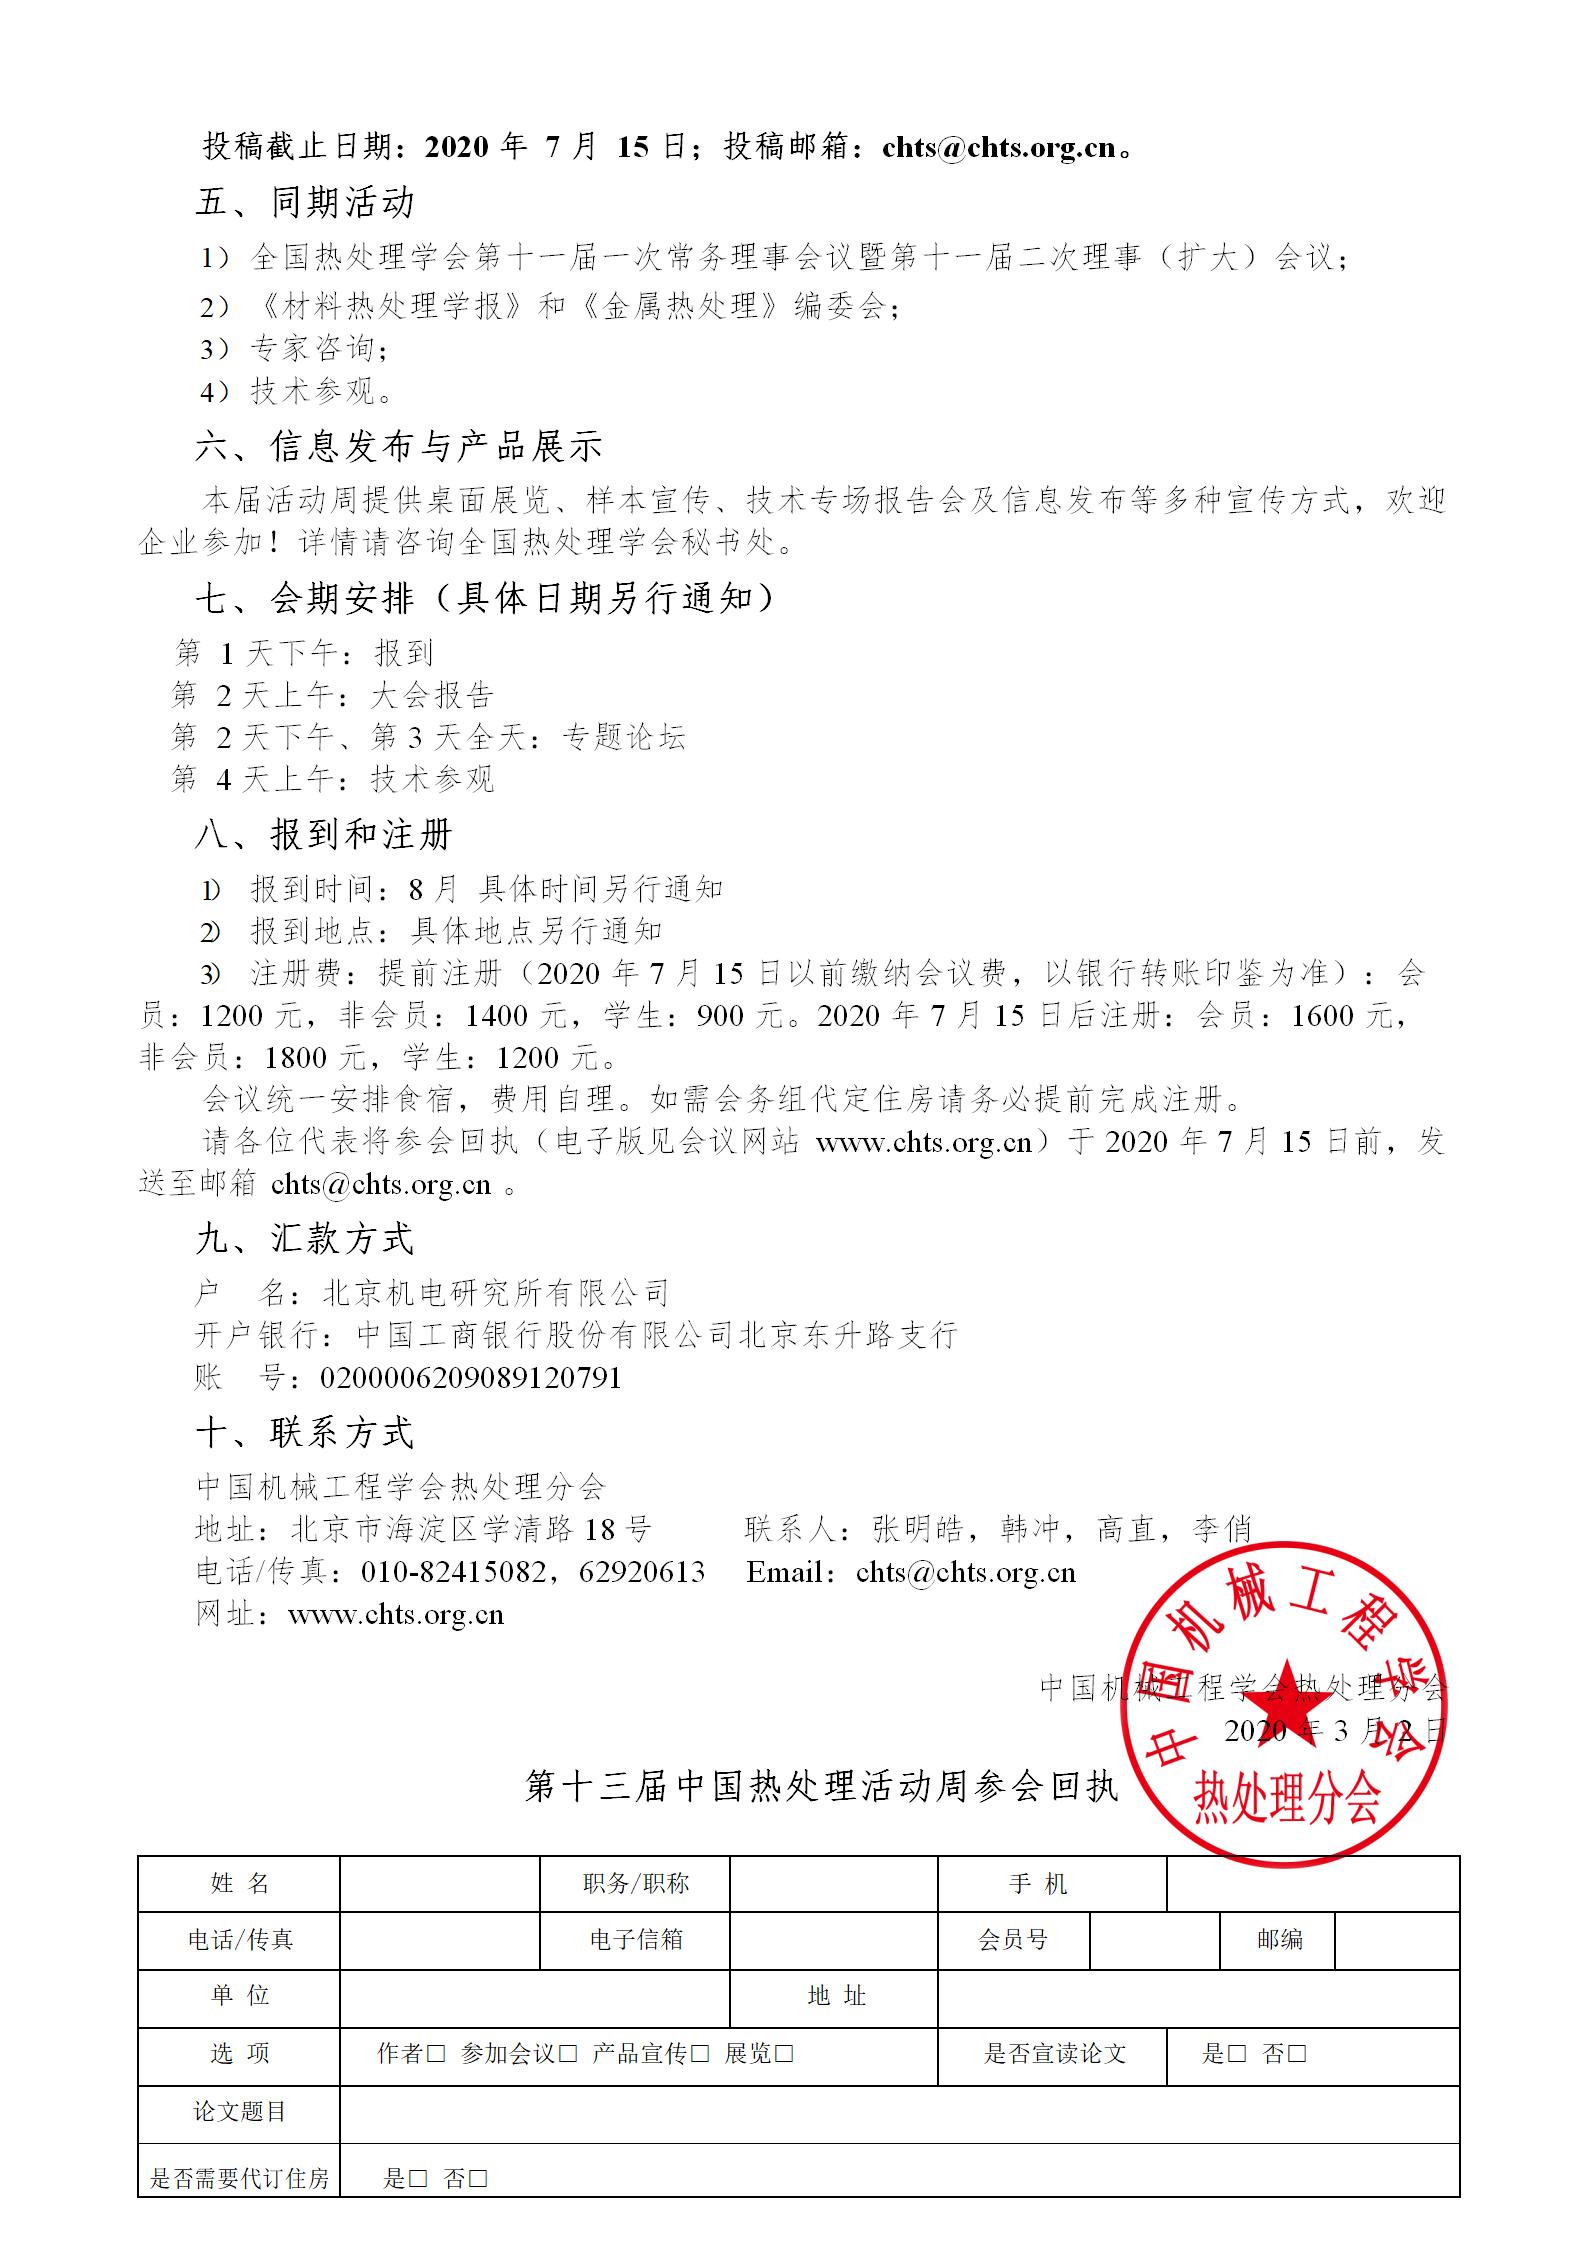 第十三届中国热处理活动周第一轮通知0317_02.png